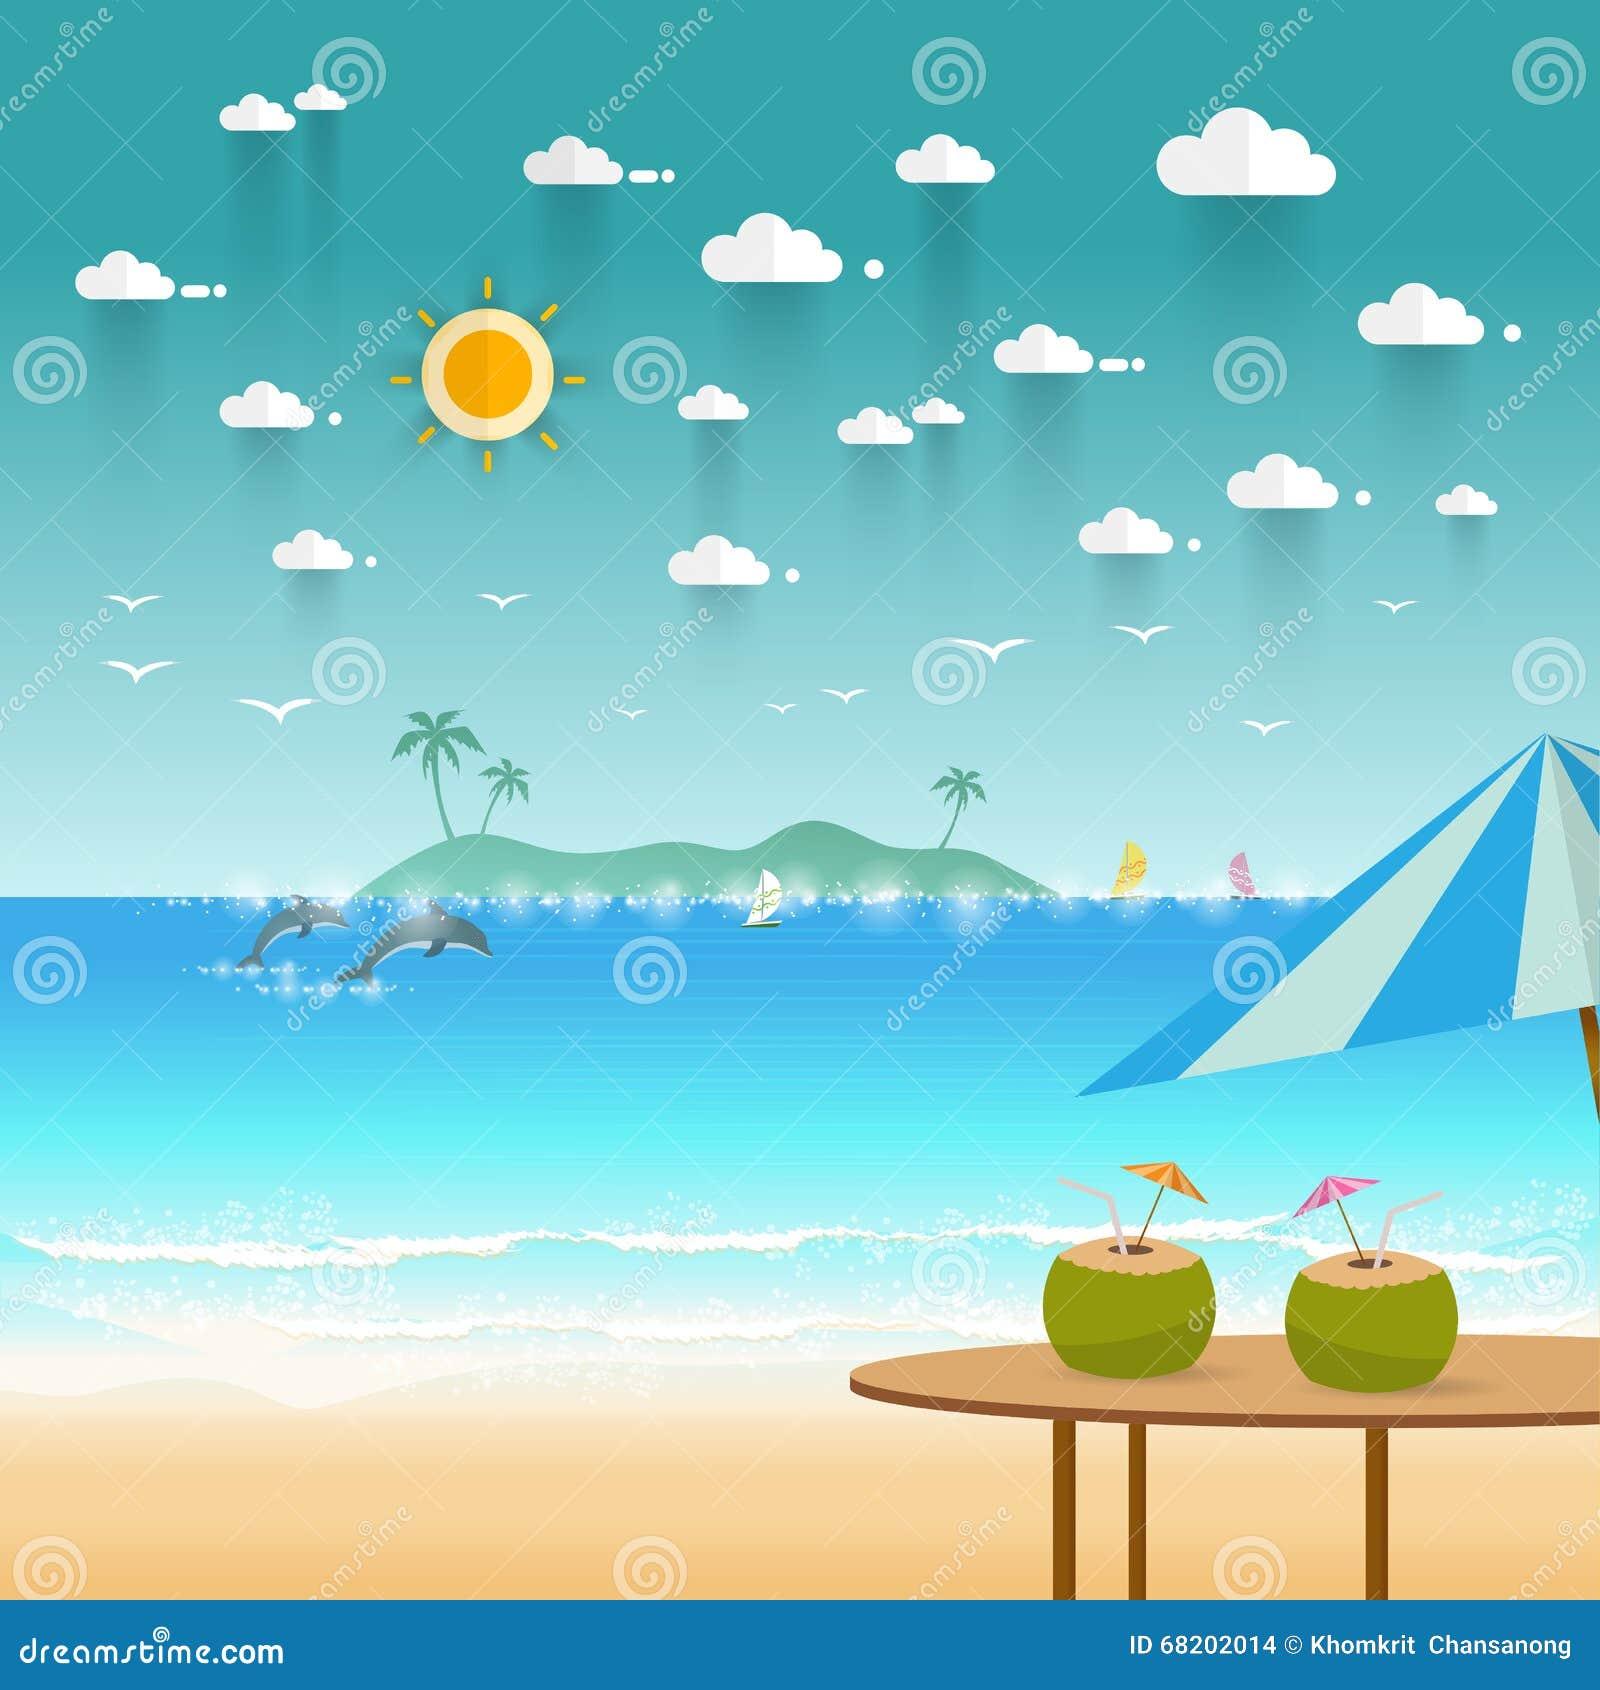 idyllic paradise coast landscape with mountains summer camp vac